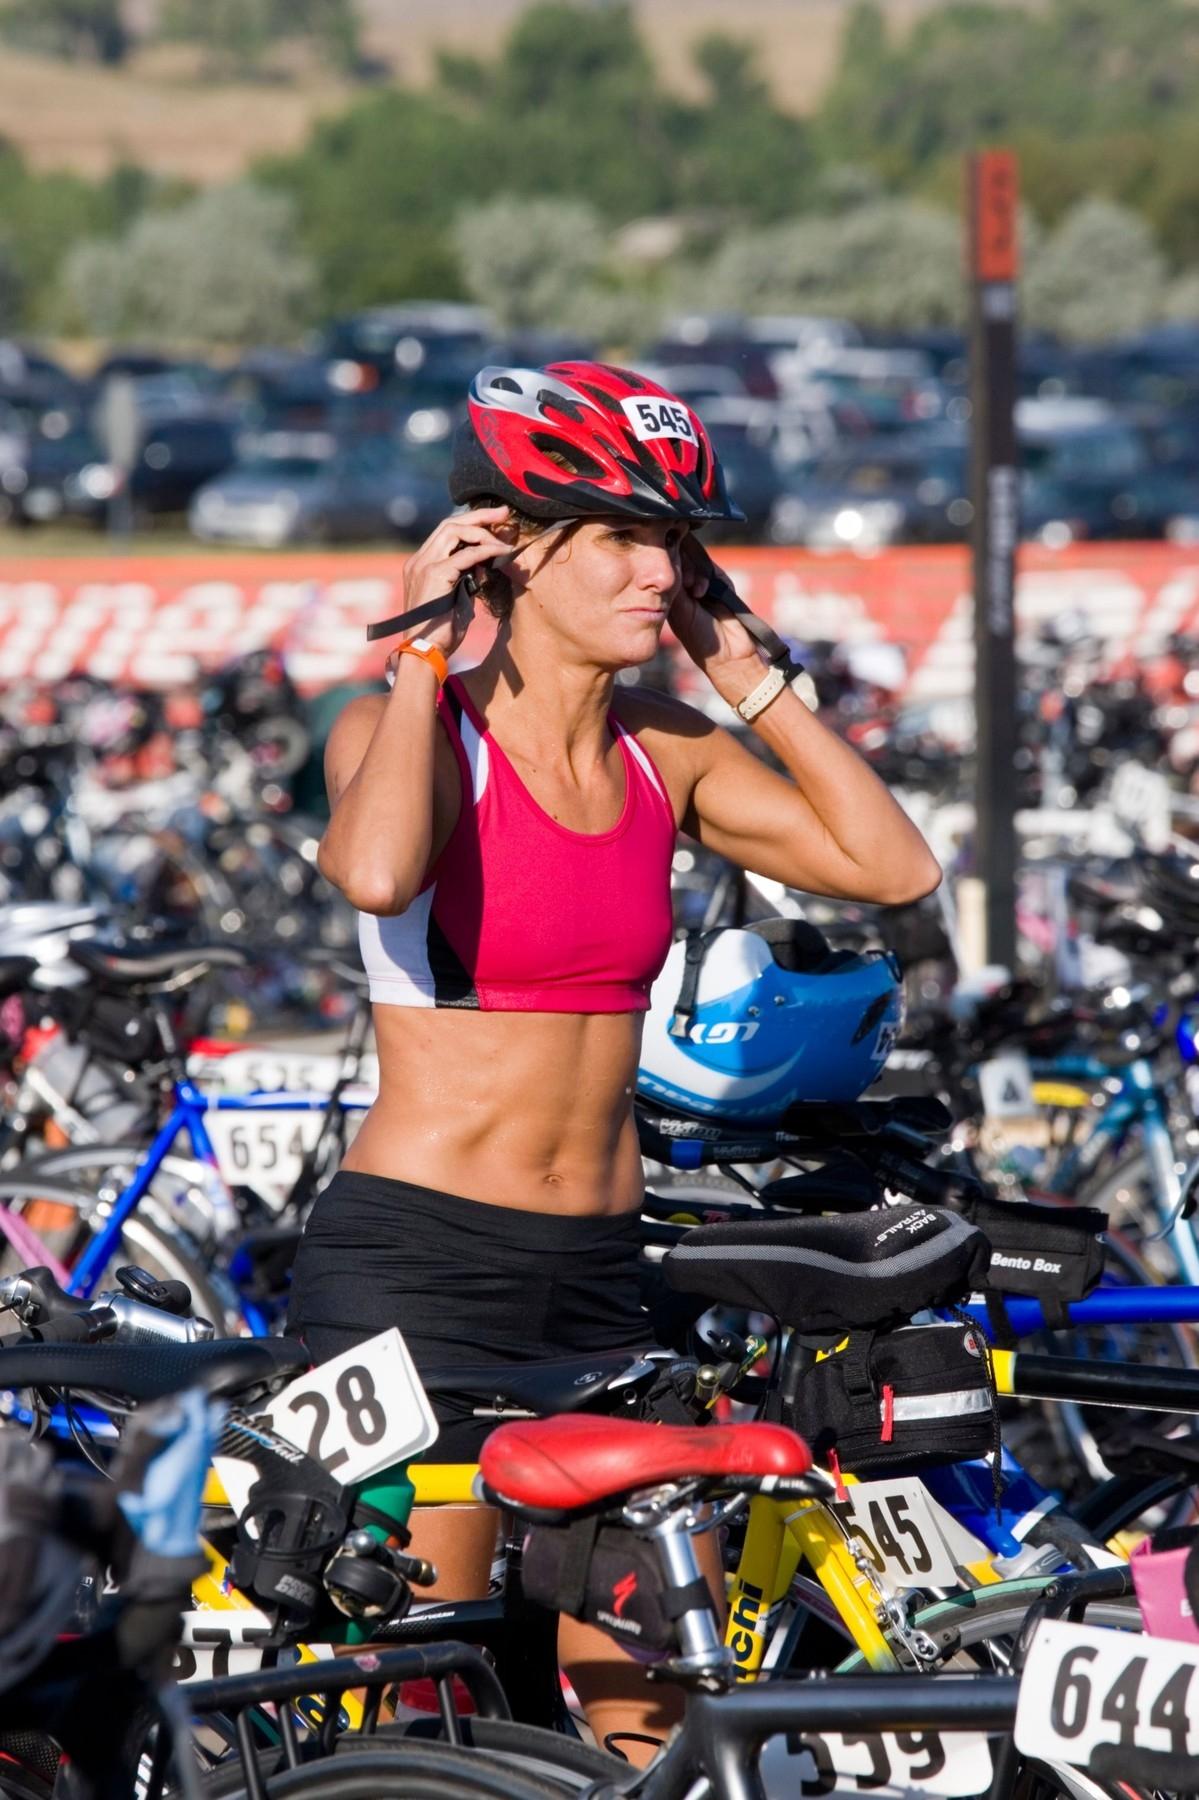 Sportovní podprsenka je u žen základ pro cyklistiku. Rozhodně nepoužívejte klasické spodní prádlo. Foto: profimedia